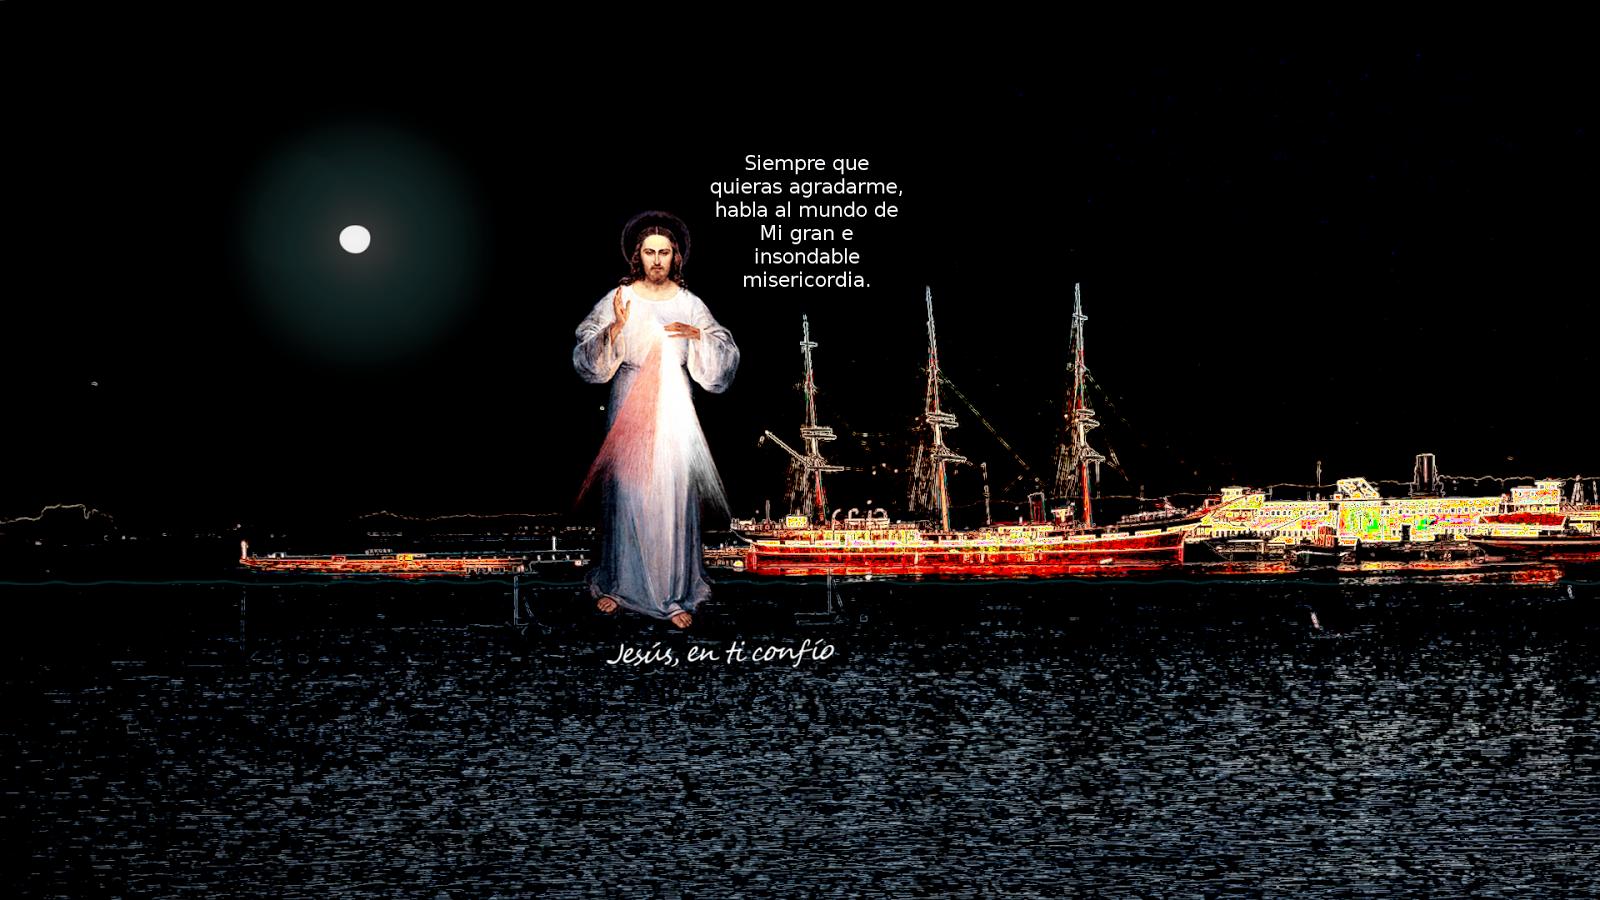 jesus en el mar denoche